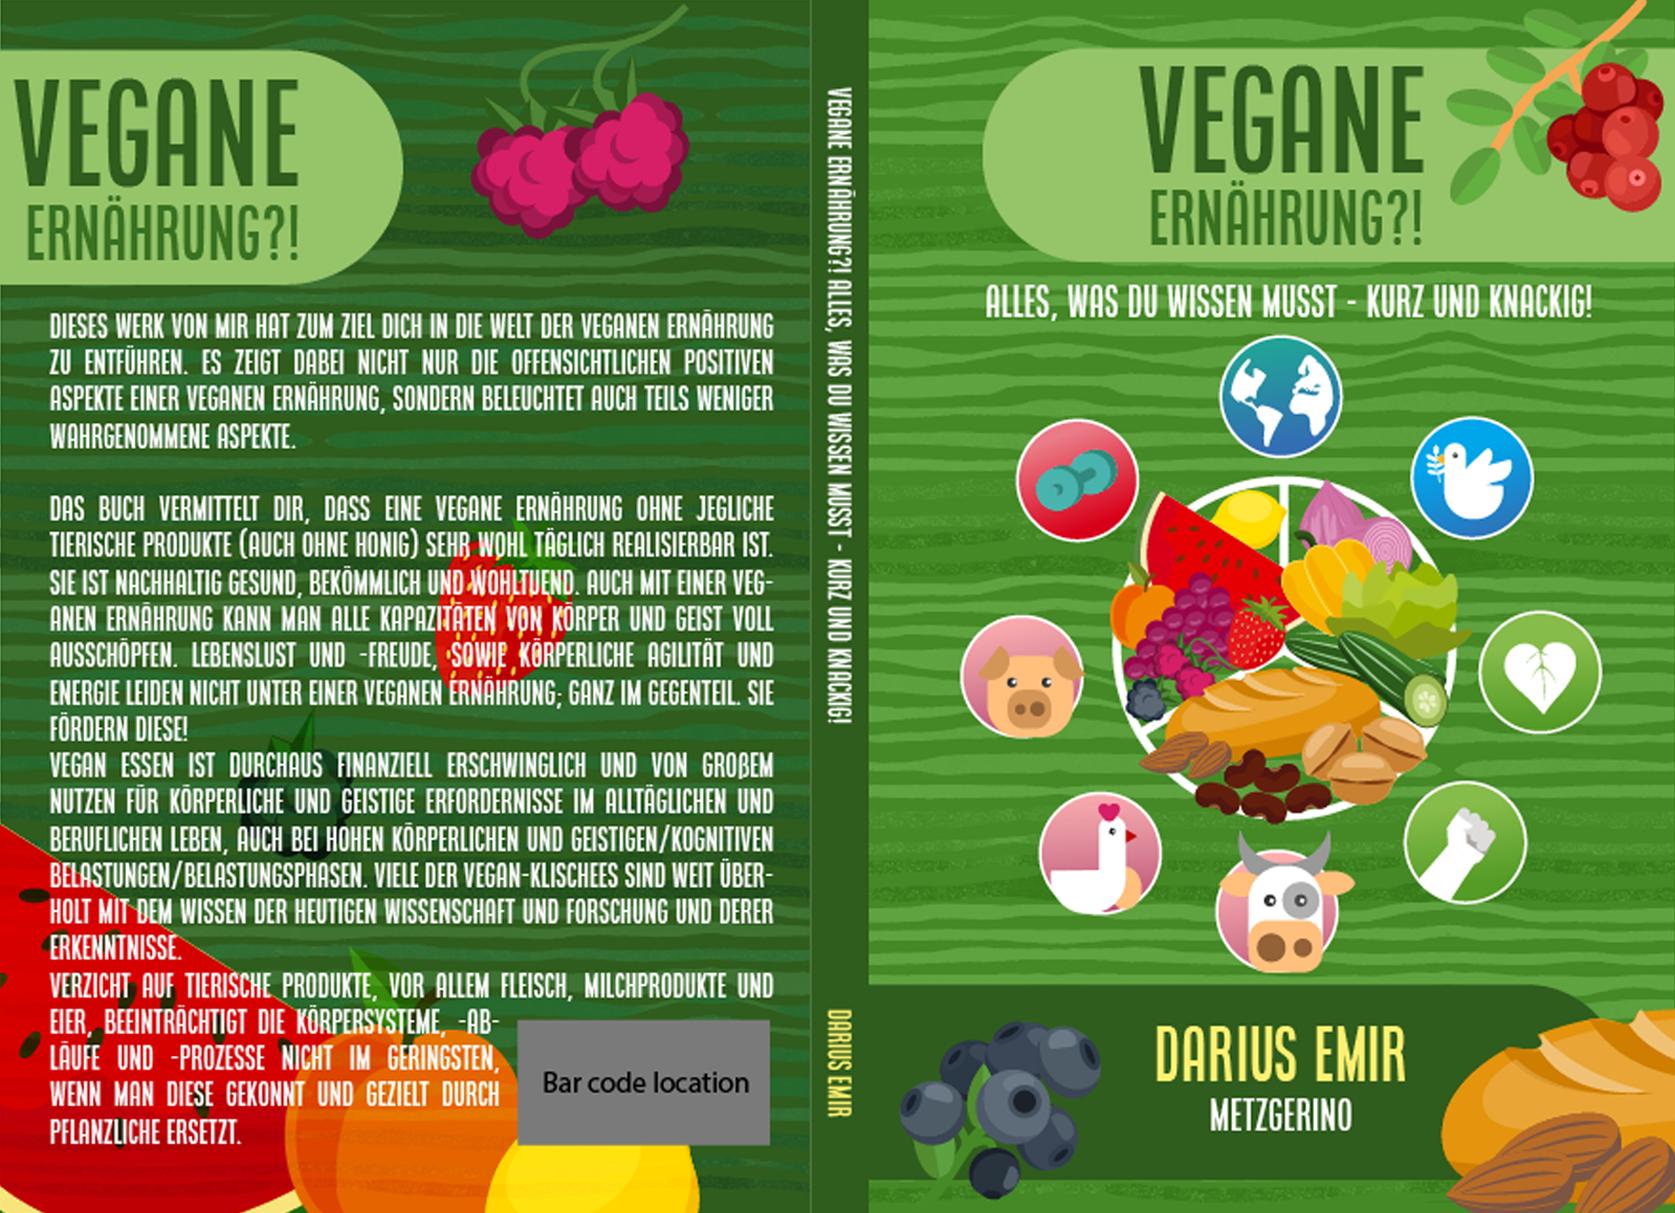 Vegan (Essen, Fitness, Gesundheit, Klima, Umweltschutz) braucht ein aussagekräftiges Design und Logo